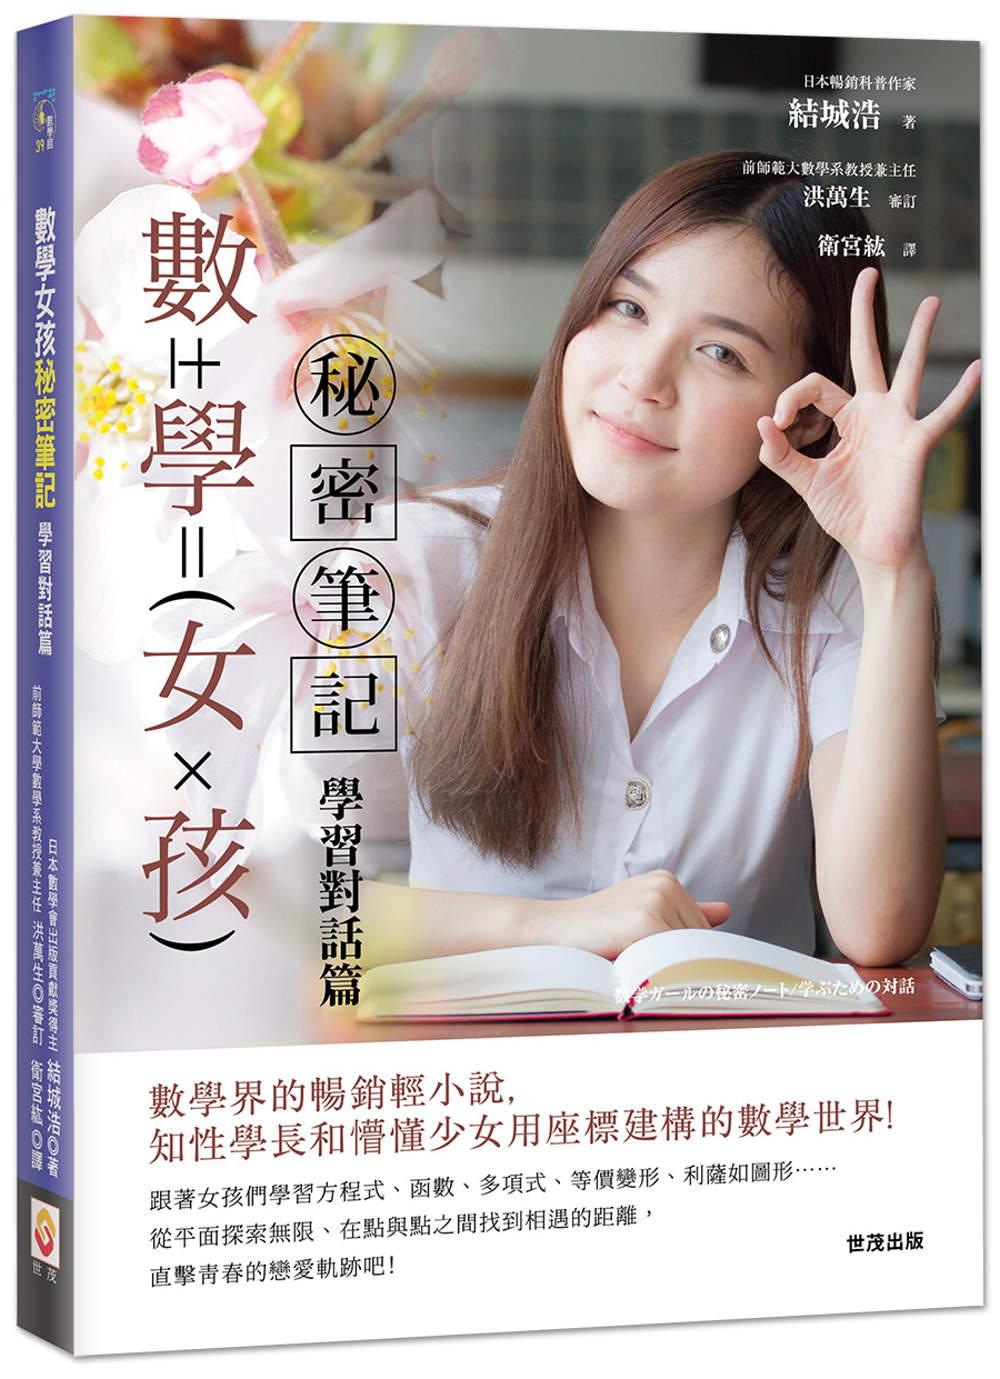 數學女孩秘密筆記:學習對話篇